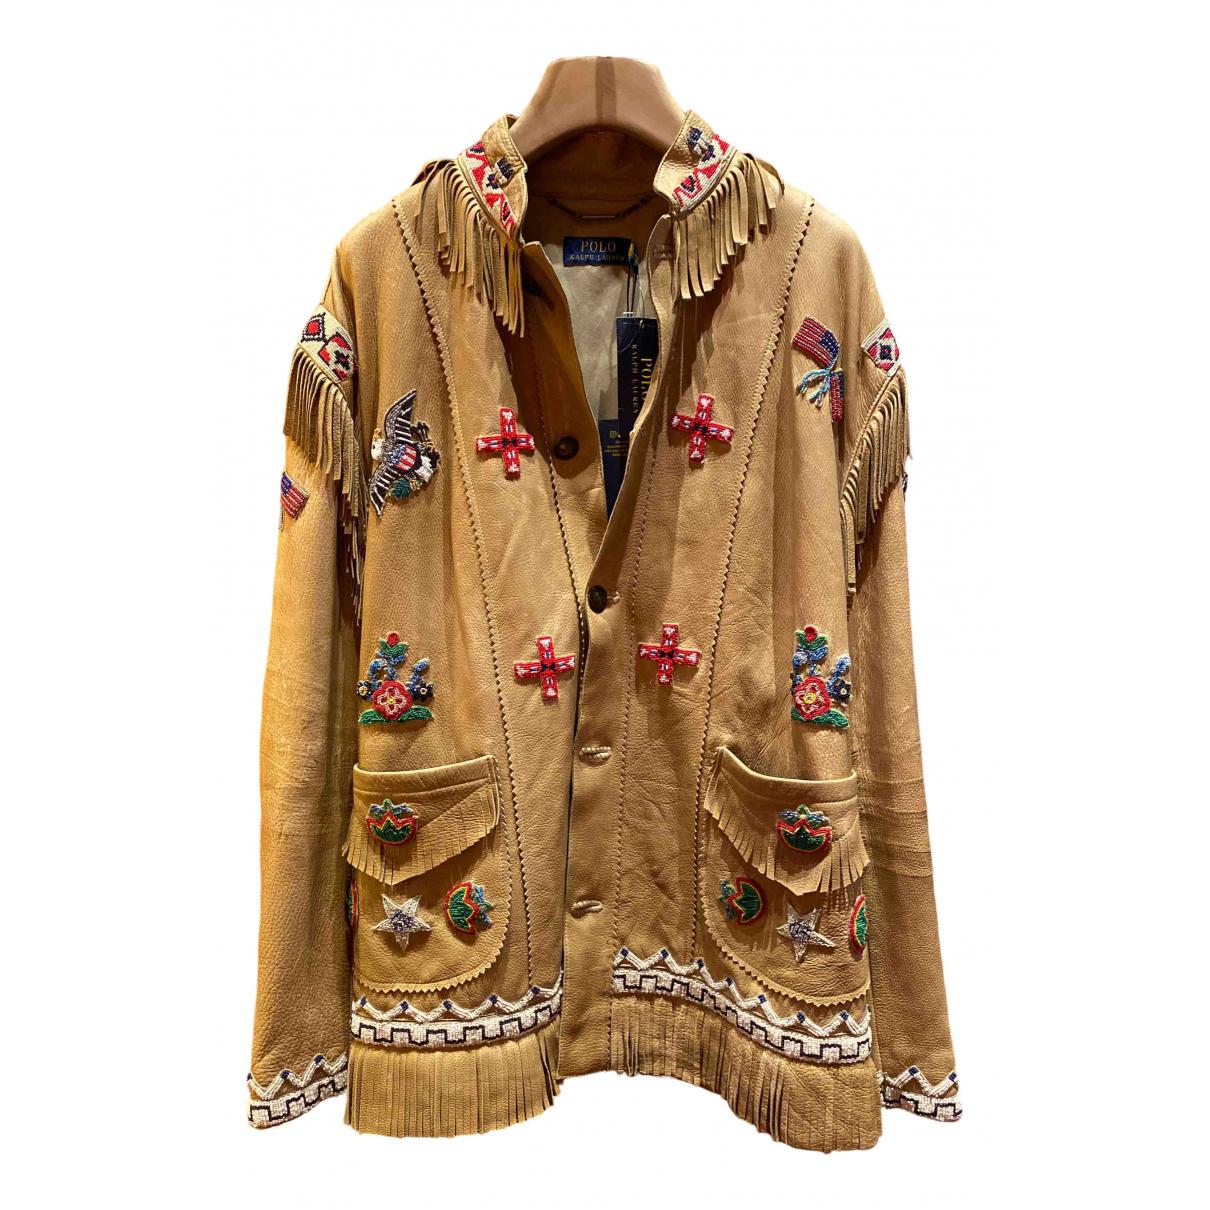 Polo Ralph Lauren \N Beige Leather jacket for Women M International